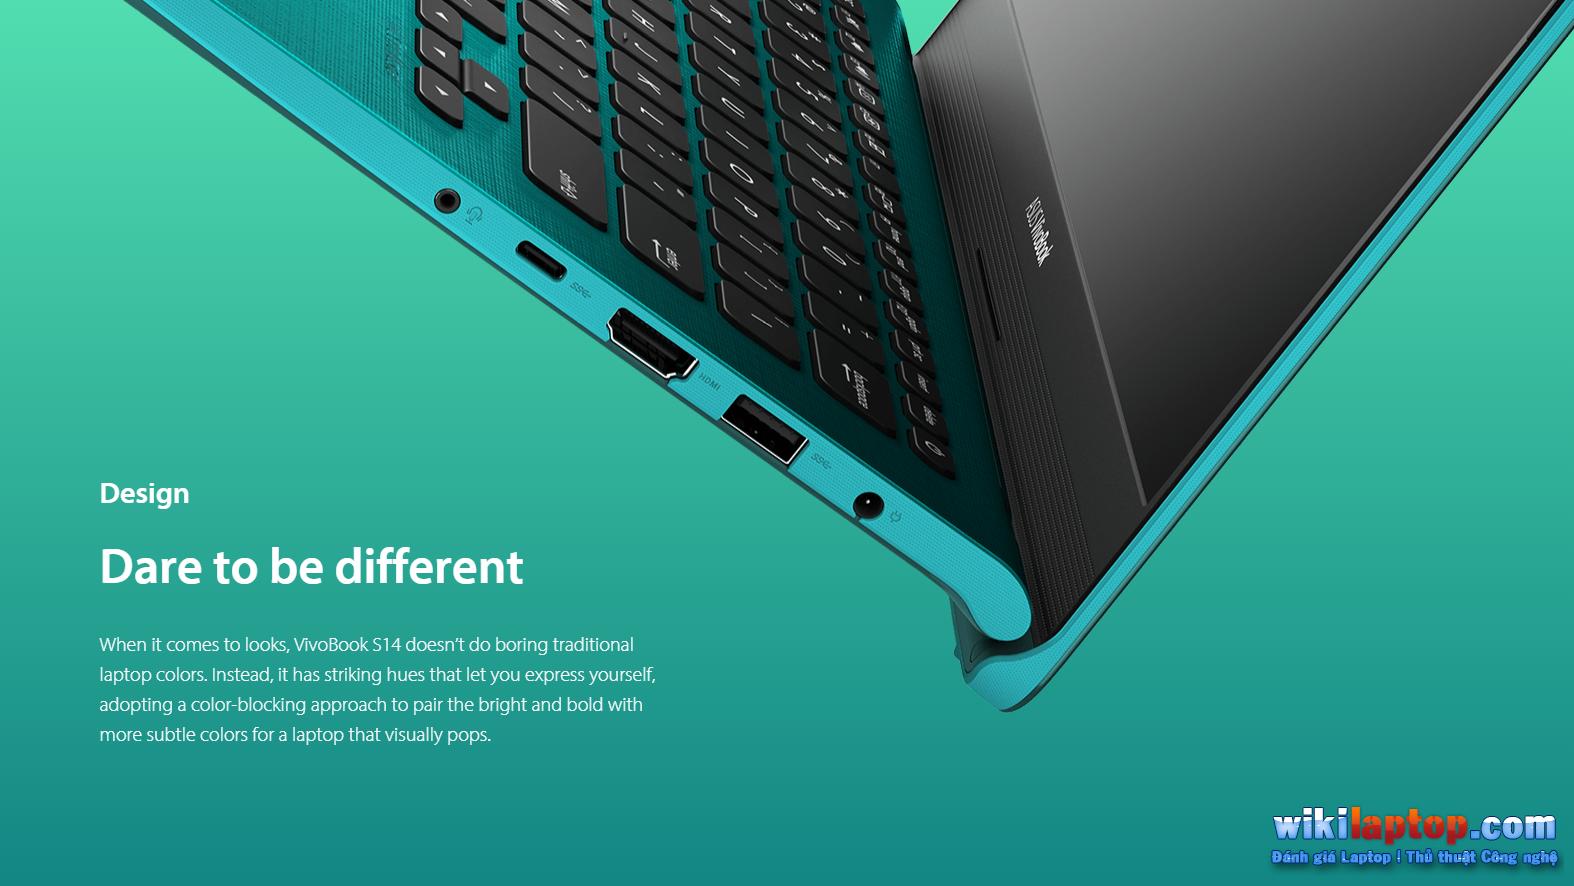 Sforum - Trang thông tin công nghệ mới nhất vivobooks14-3 Sẽ thật thiếu sót nếu bạn không chọn chiếc laptop này với giá 13 triệu đồng !!!